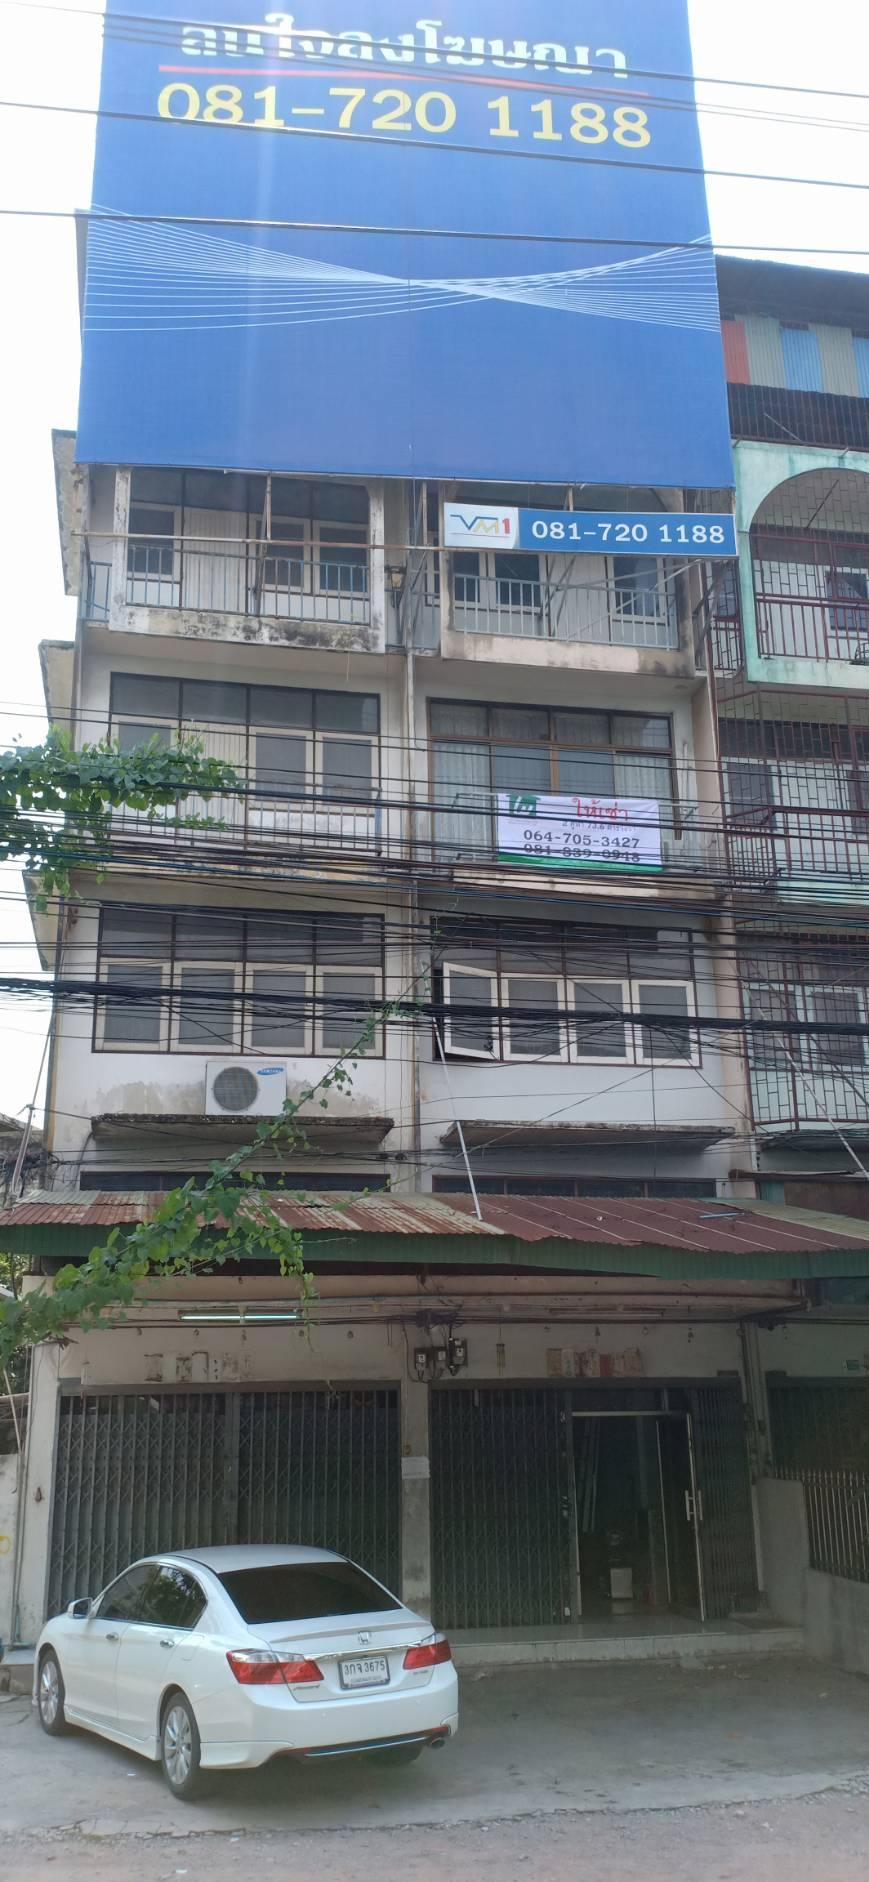 ให้เช่าอาคารพาณิชย์ 4 ชั้น 2 คูหา พร้อมที่จอดรถได้ 6 คัน ถนนพระราม 2 ซอย 1 (ซอยวัดโพธิ์แก้ว)  เหมาะสำหรับทำสำนักงาน ร้านค้า